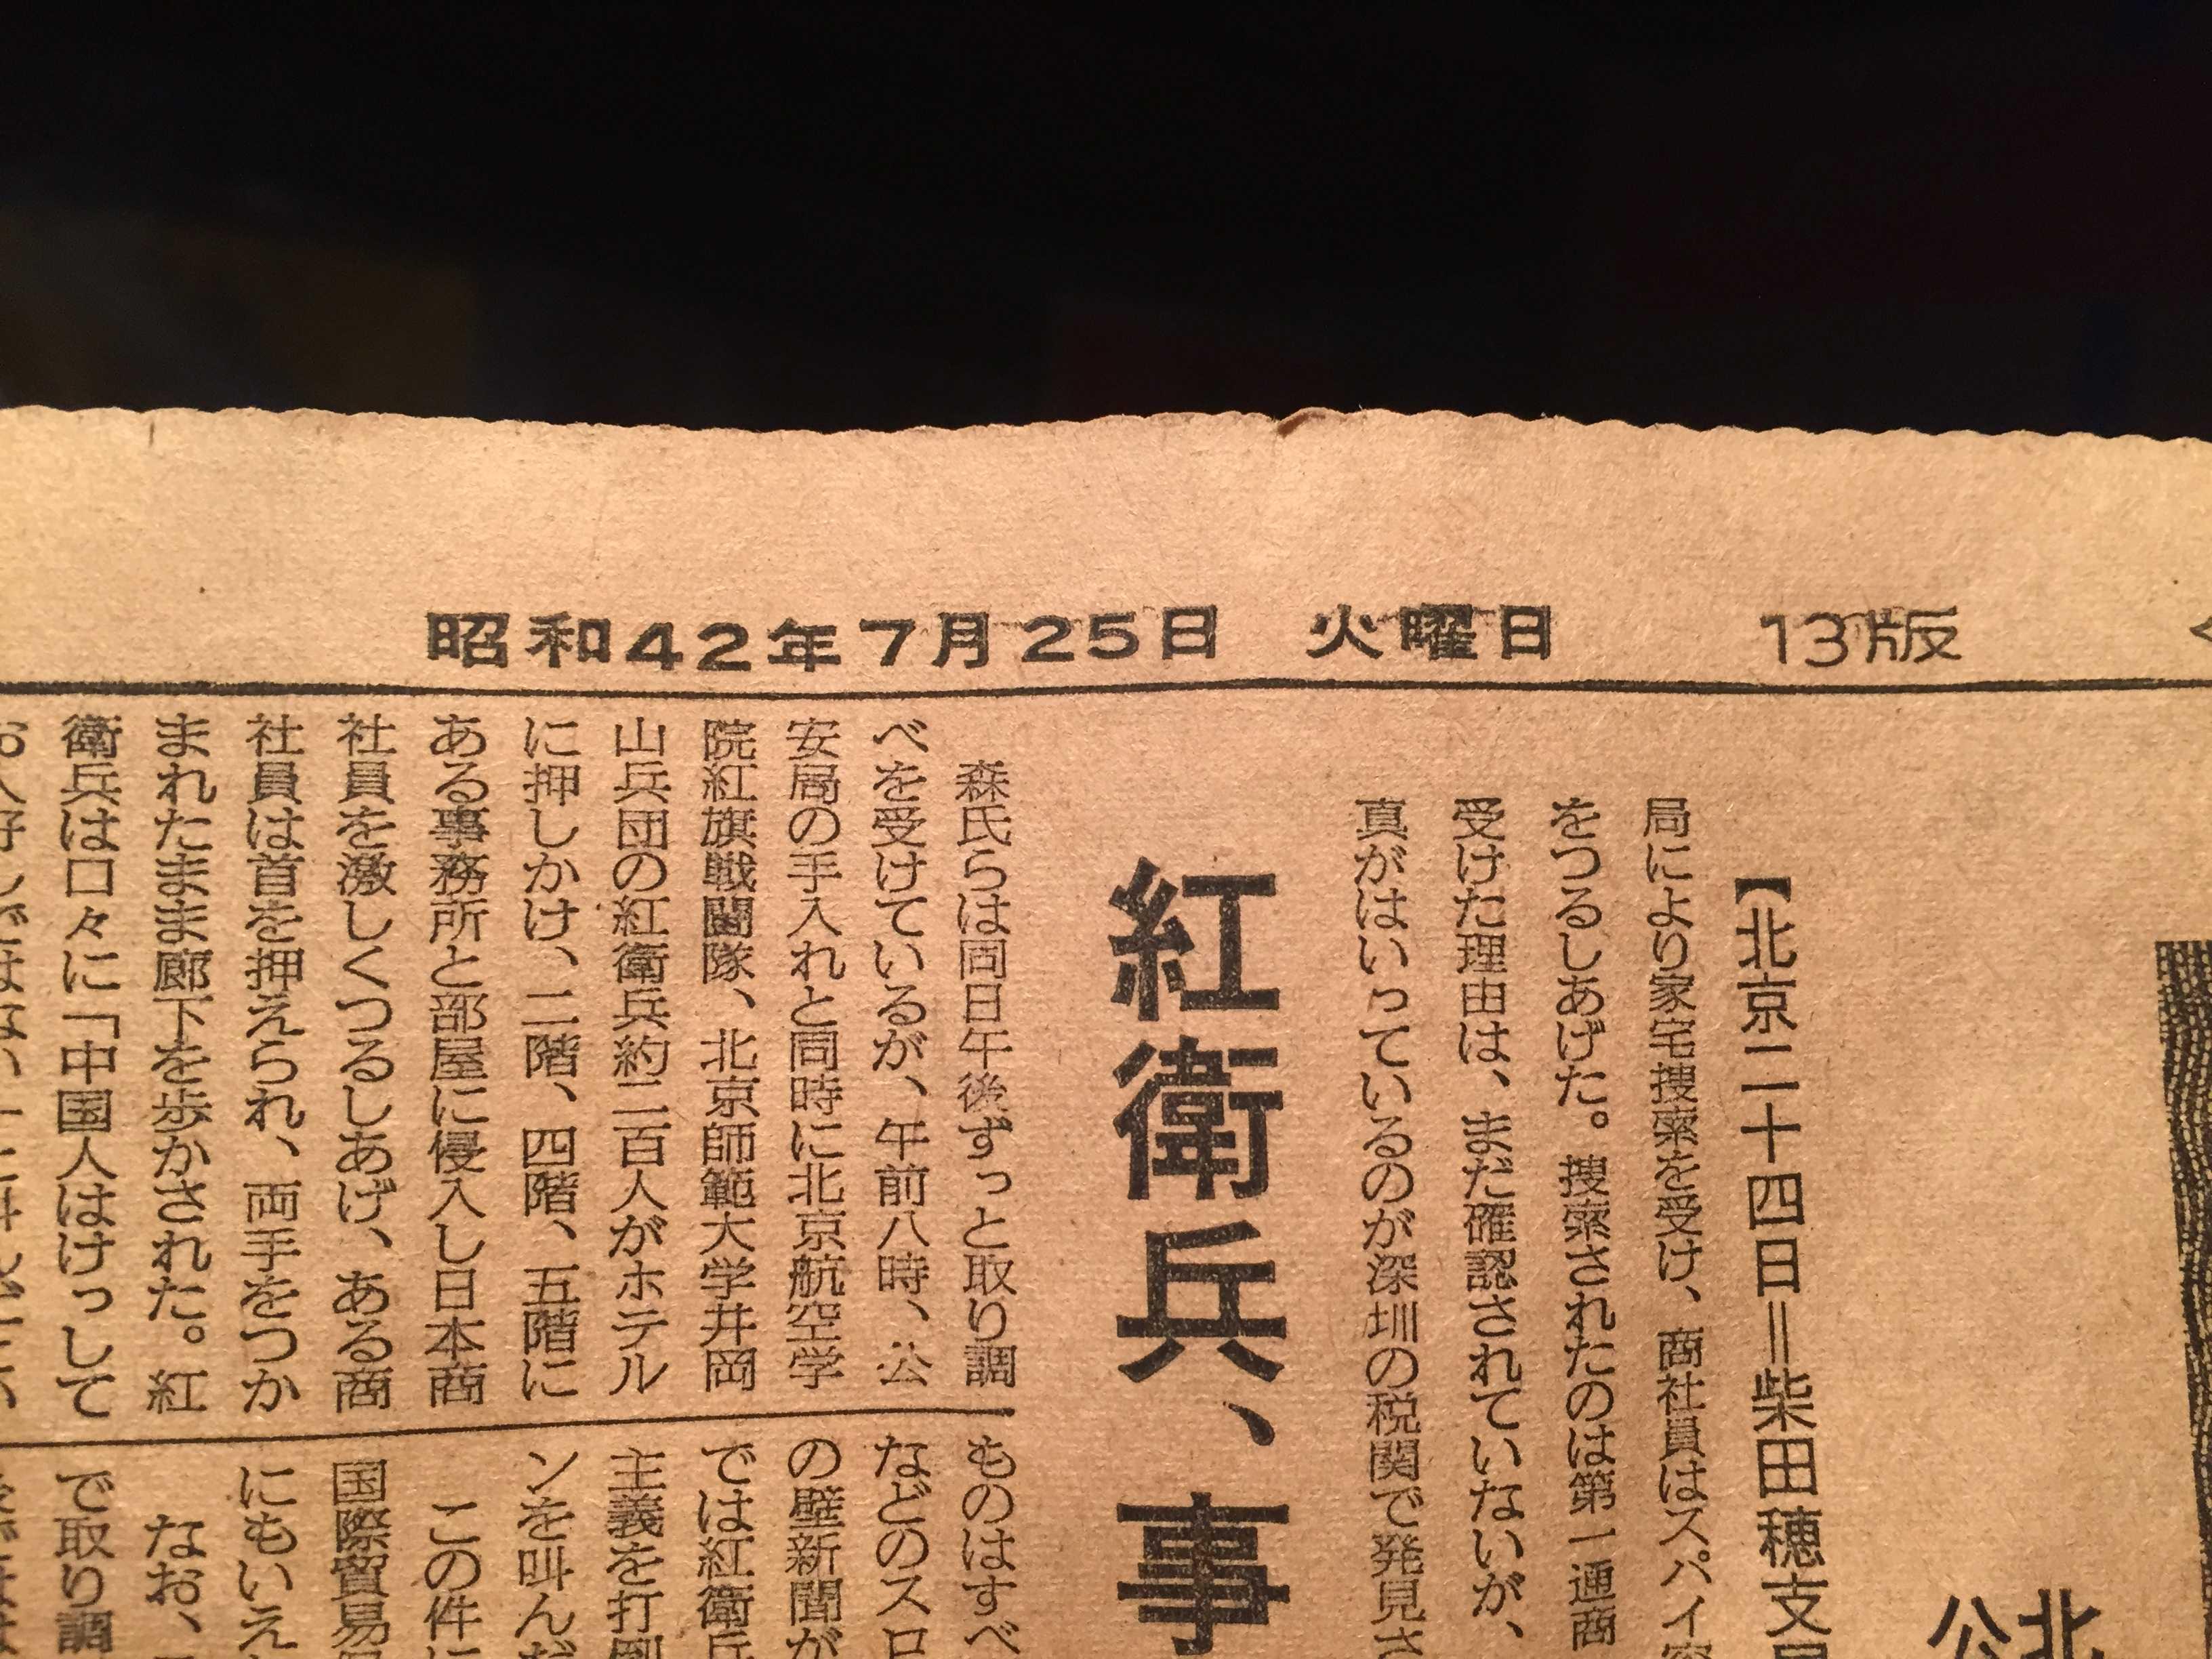 昭和42年(1967年) 7月25日 産経新聞